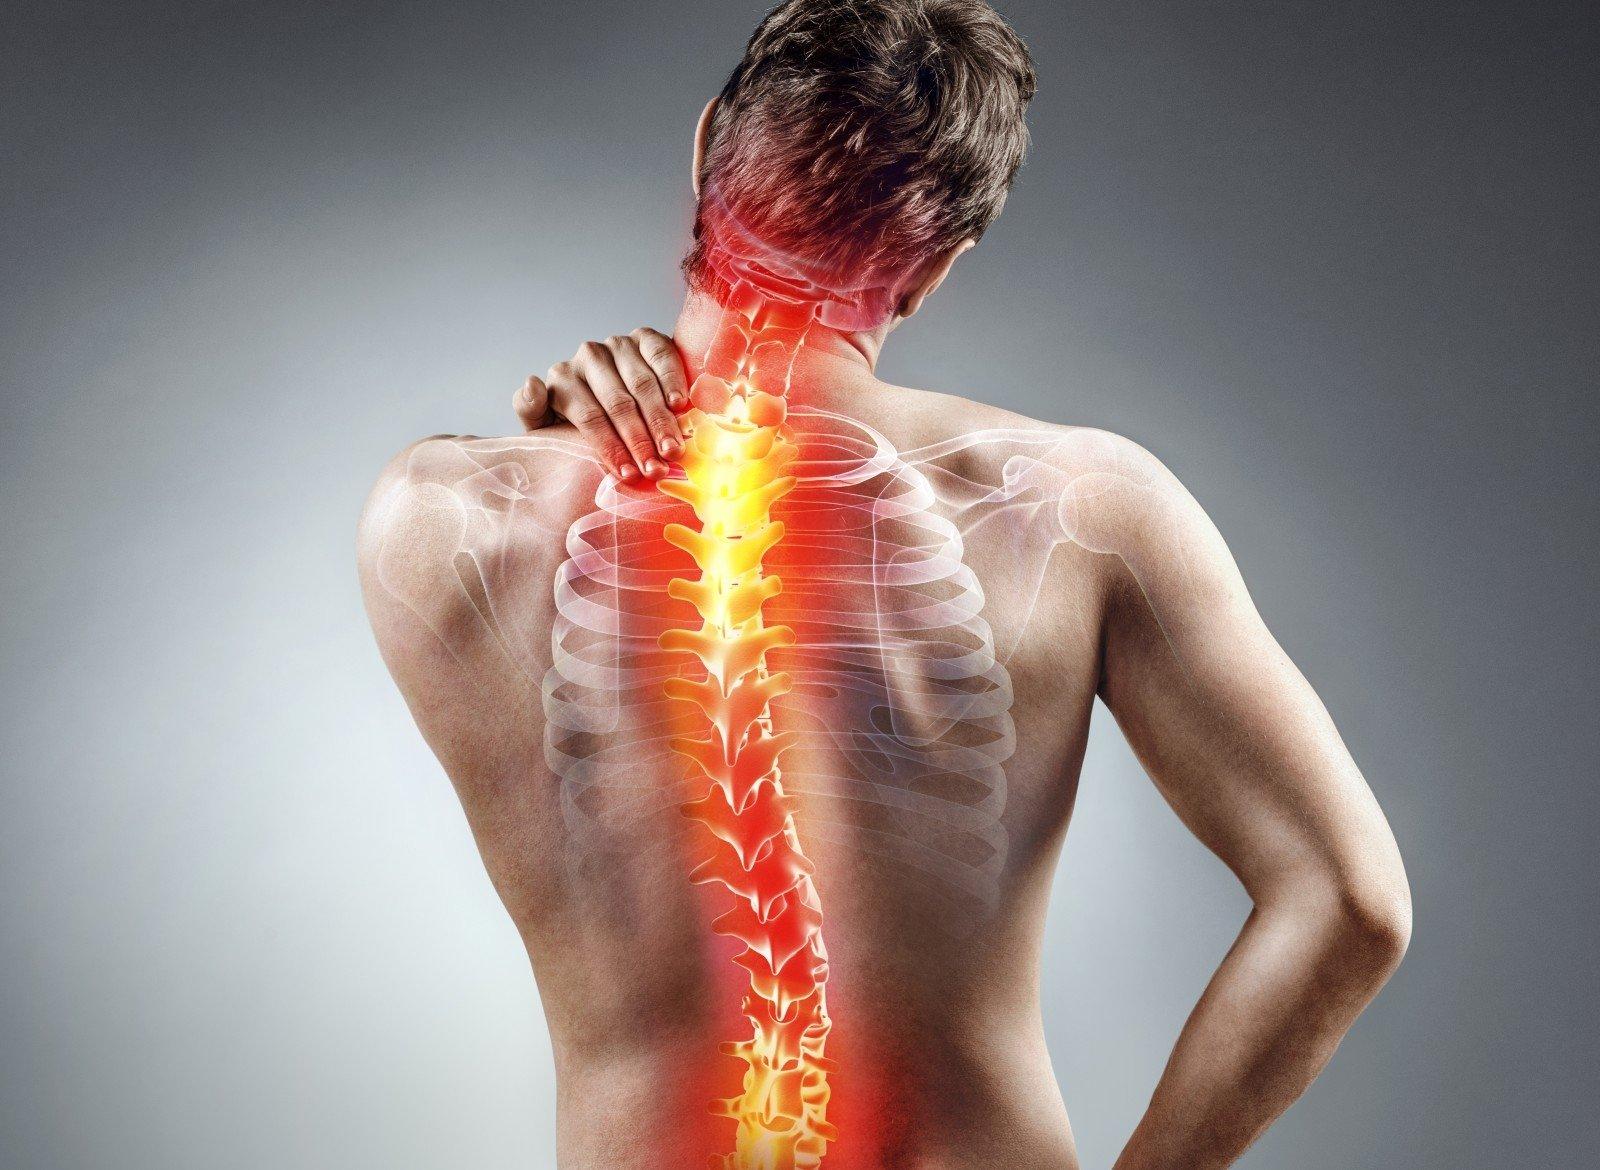 tai padės su sąnarių skausmas kas yra artrozė didelių sąnarių